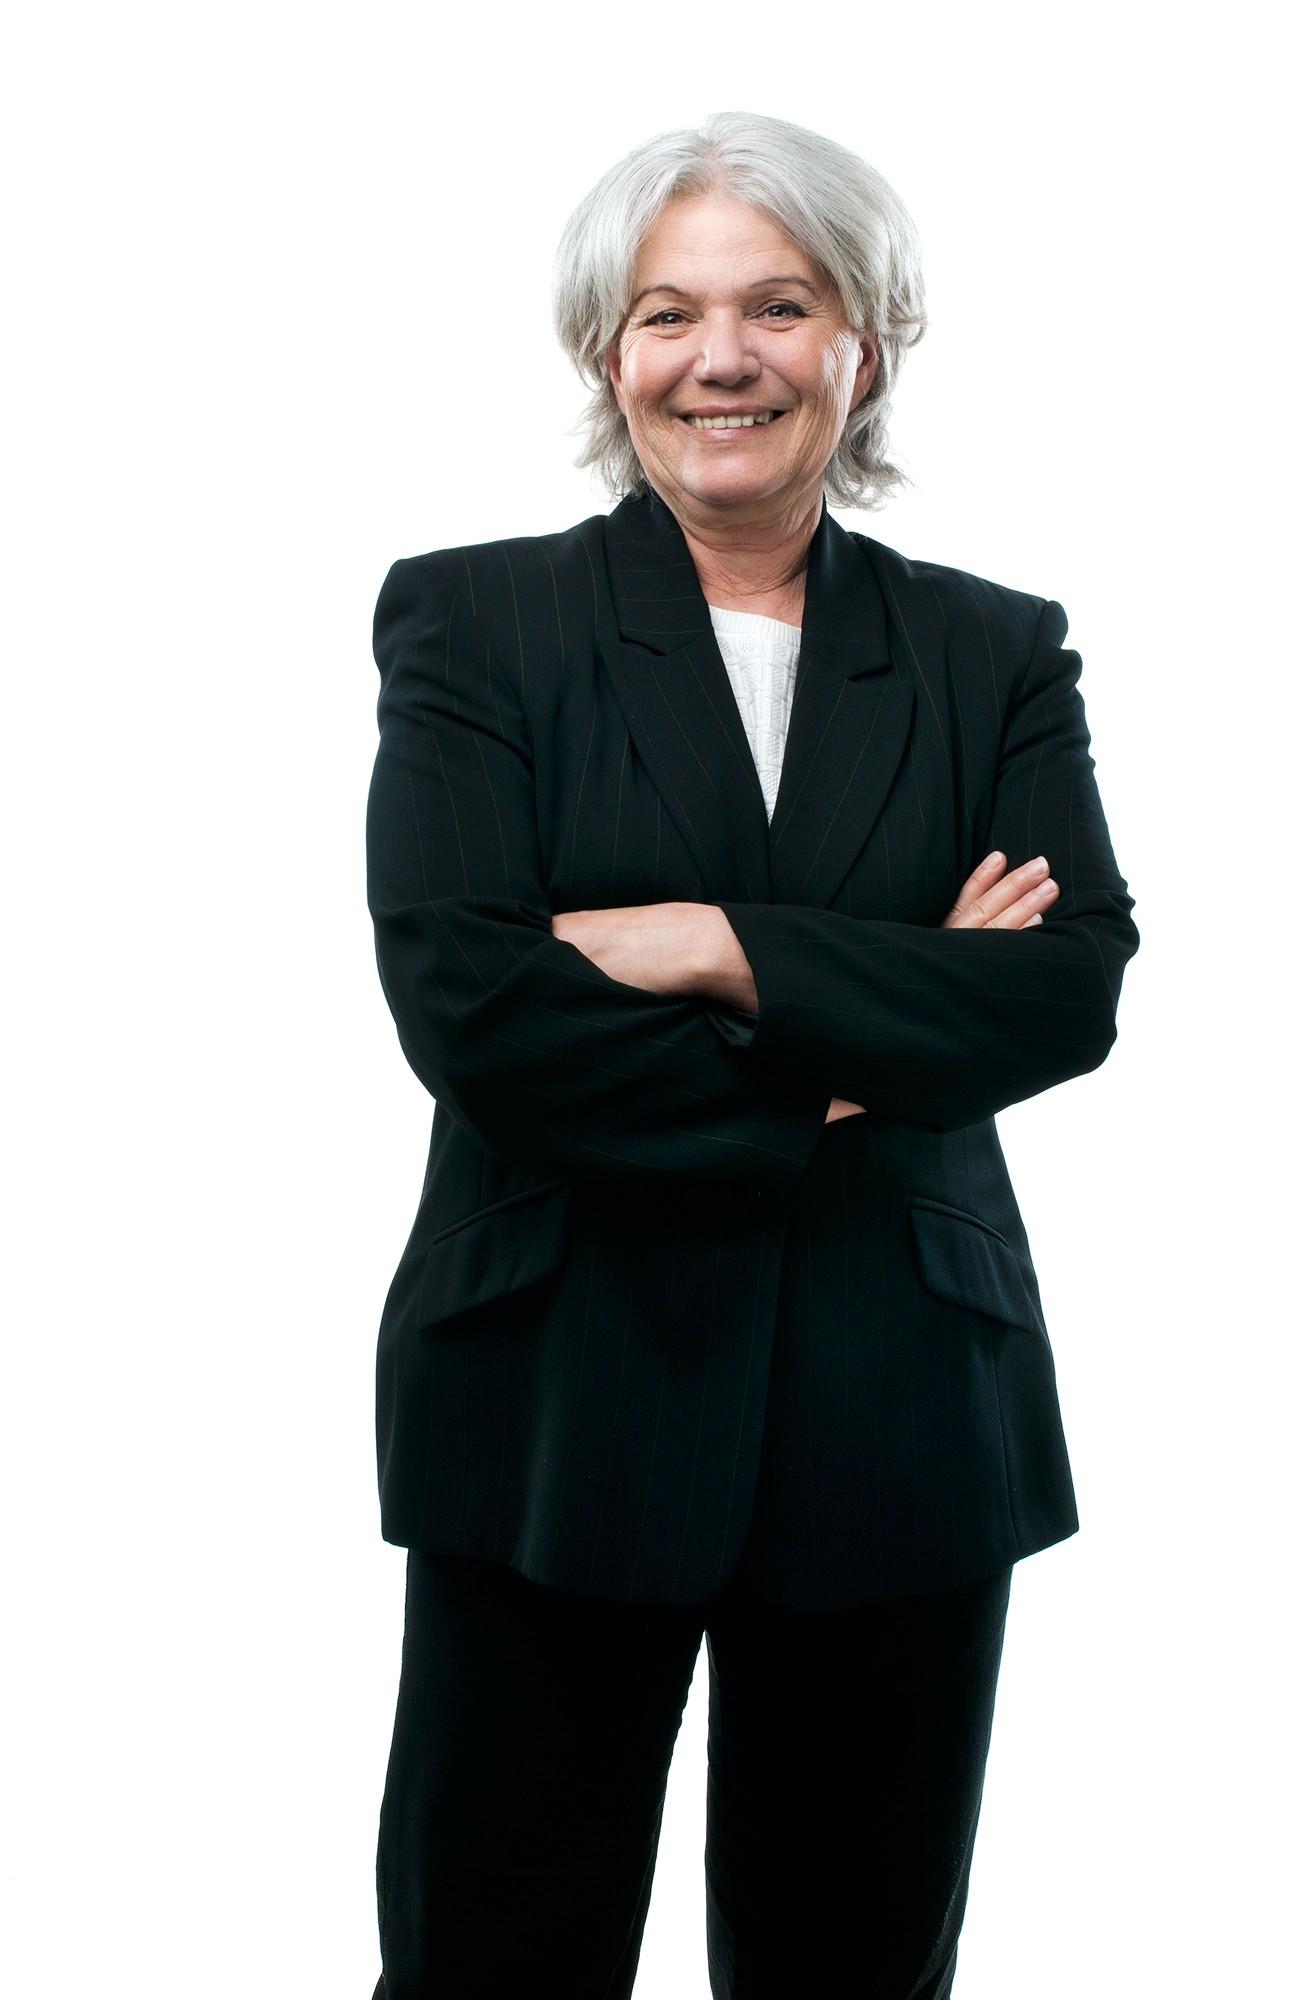 Portrait d'une femme d'affaire / Photographie corporative, client: CEP Sintra